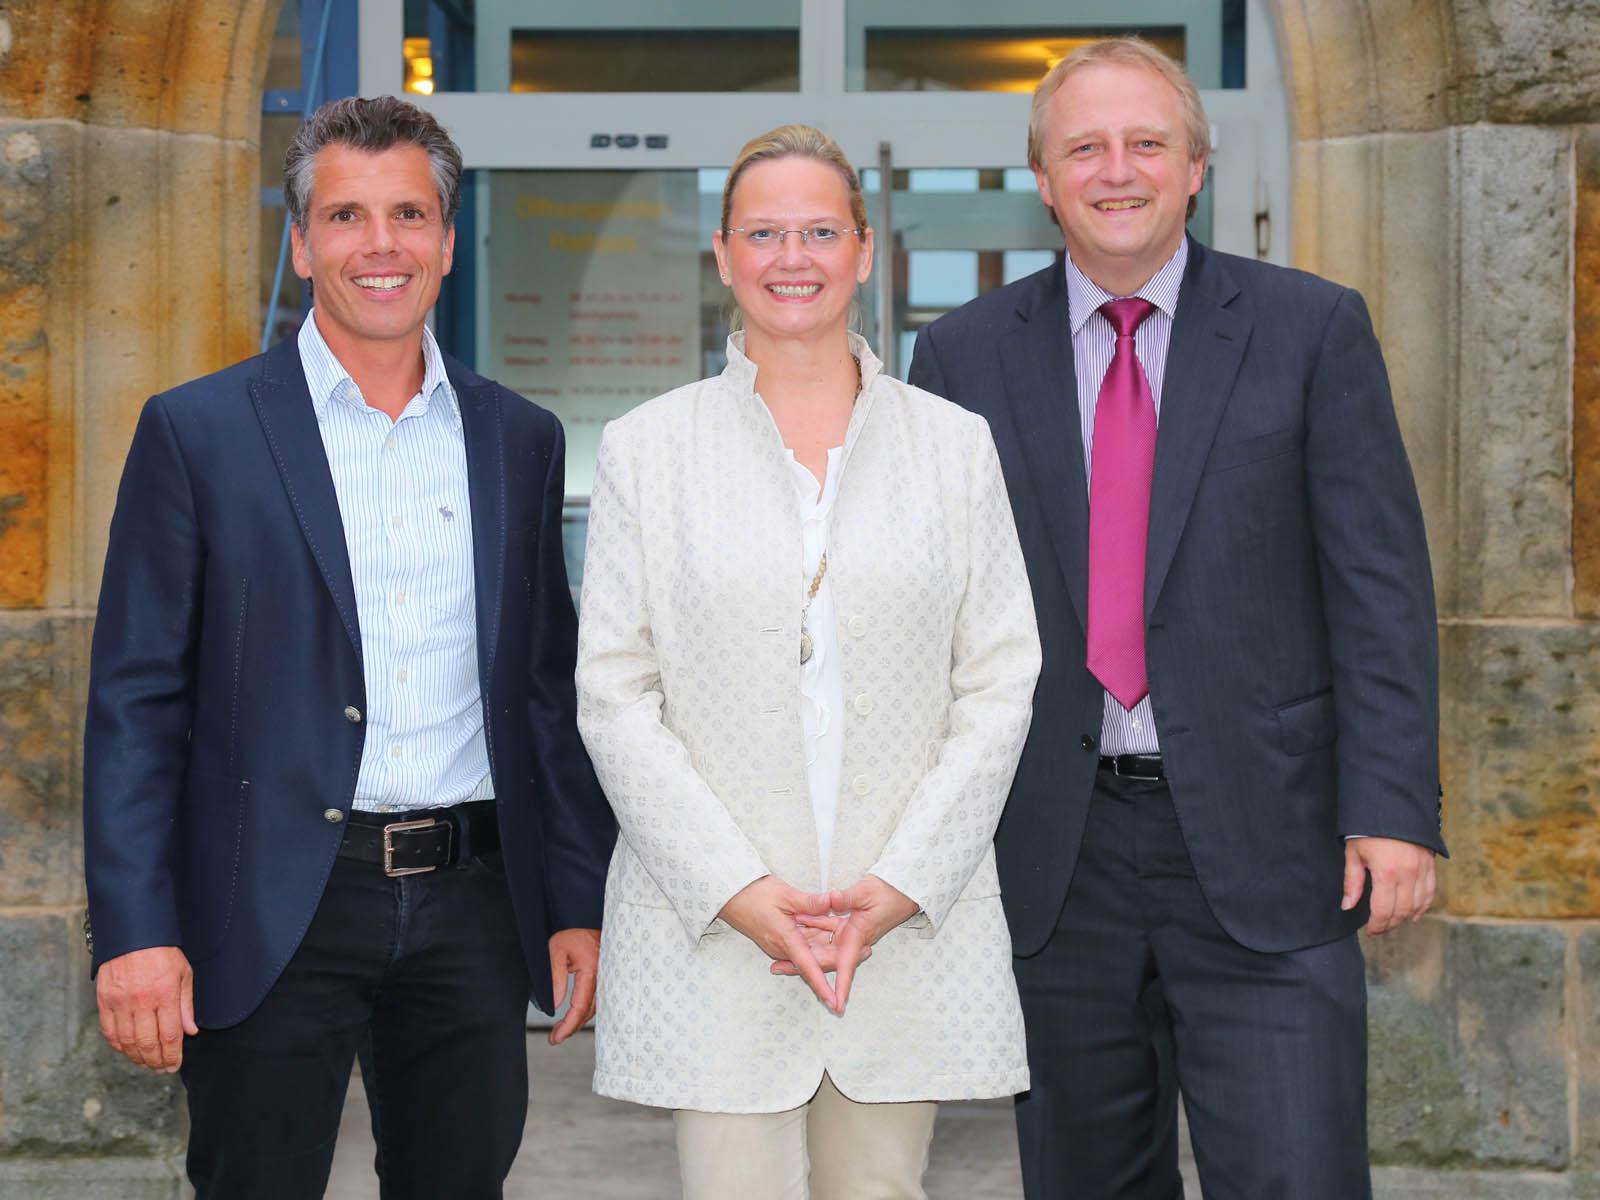 Bürgermeister Wolfgang Lahl, Ortsvorsteher Thomas Müller (links) und Ortsvorsteherin Silvia Bühler (Mitte)